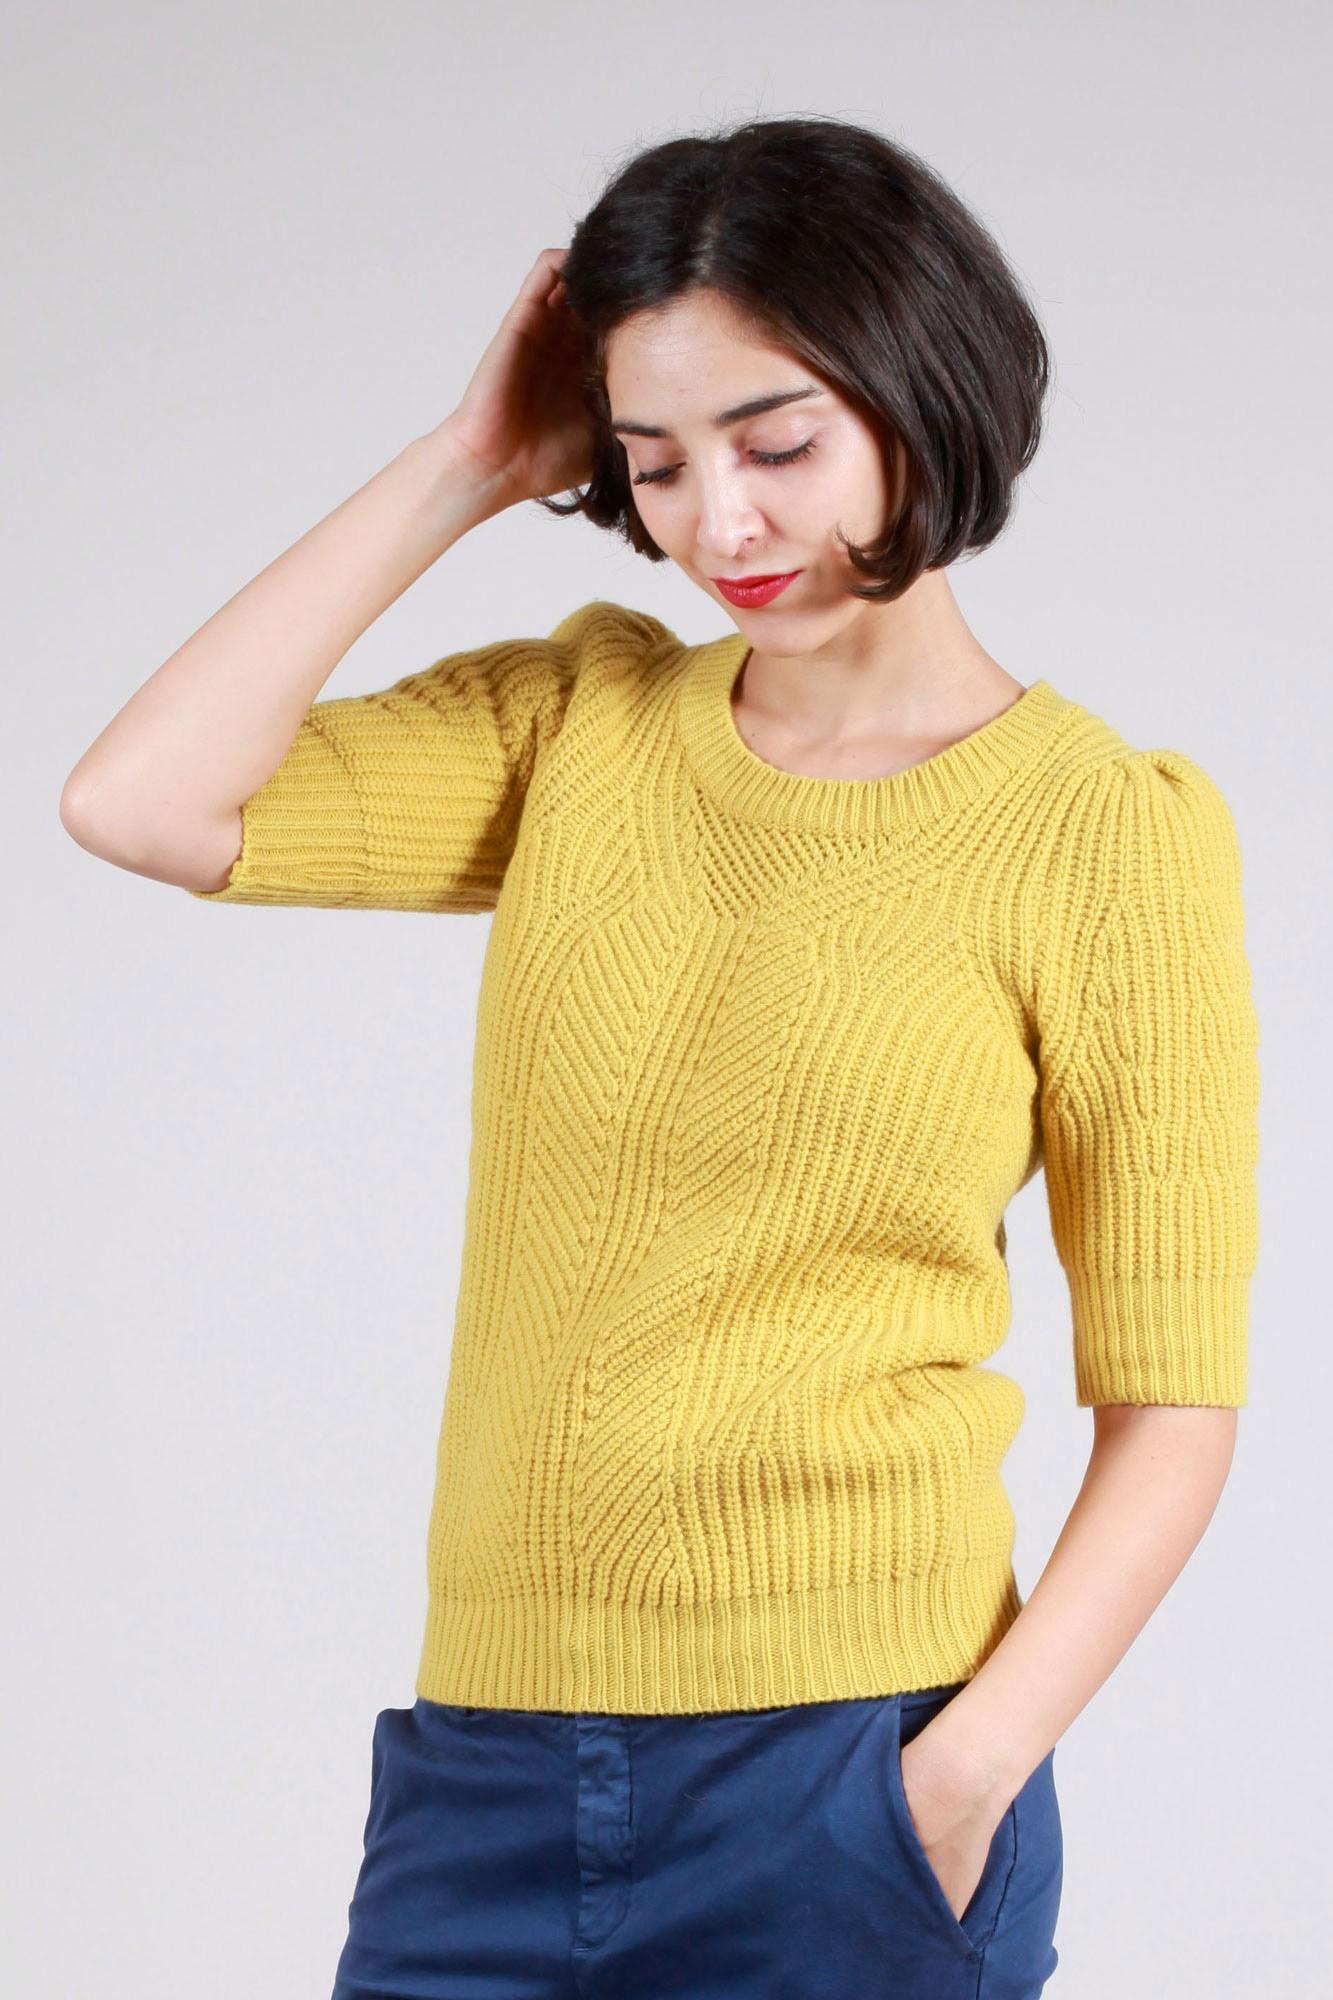 Pull en laine jaune avec jeu de points de tricots | Pull delta jaune chez Baruckello Femme